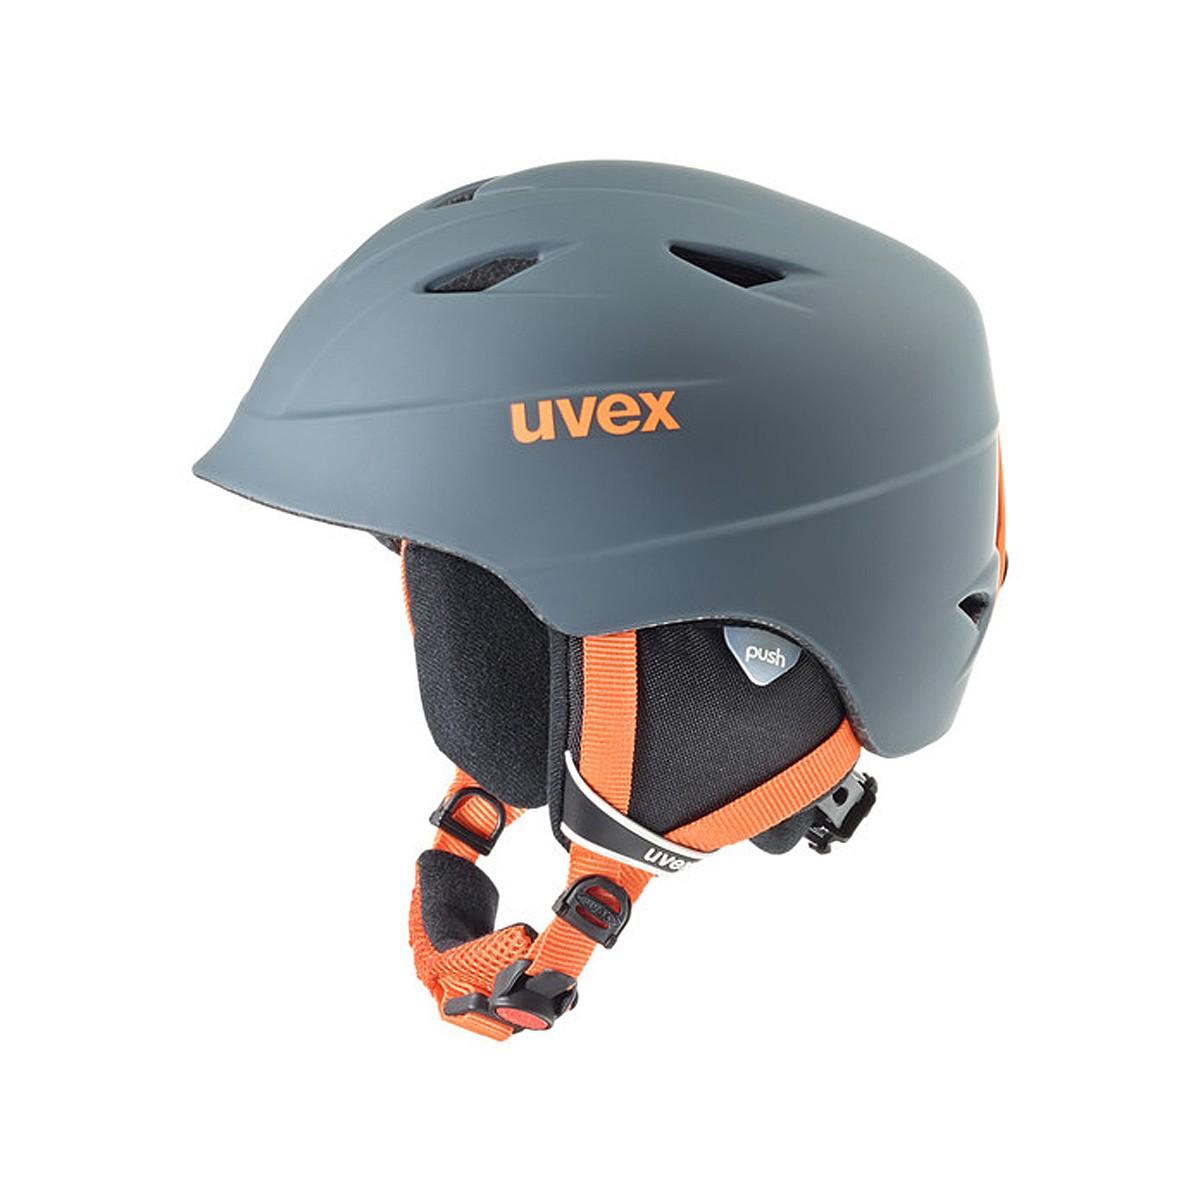 Casco sci + maschera Uvex Airwing (Colore: grigio scuro-arancio, Taglia: 54/58)